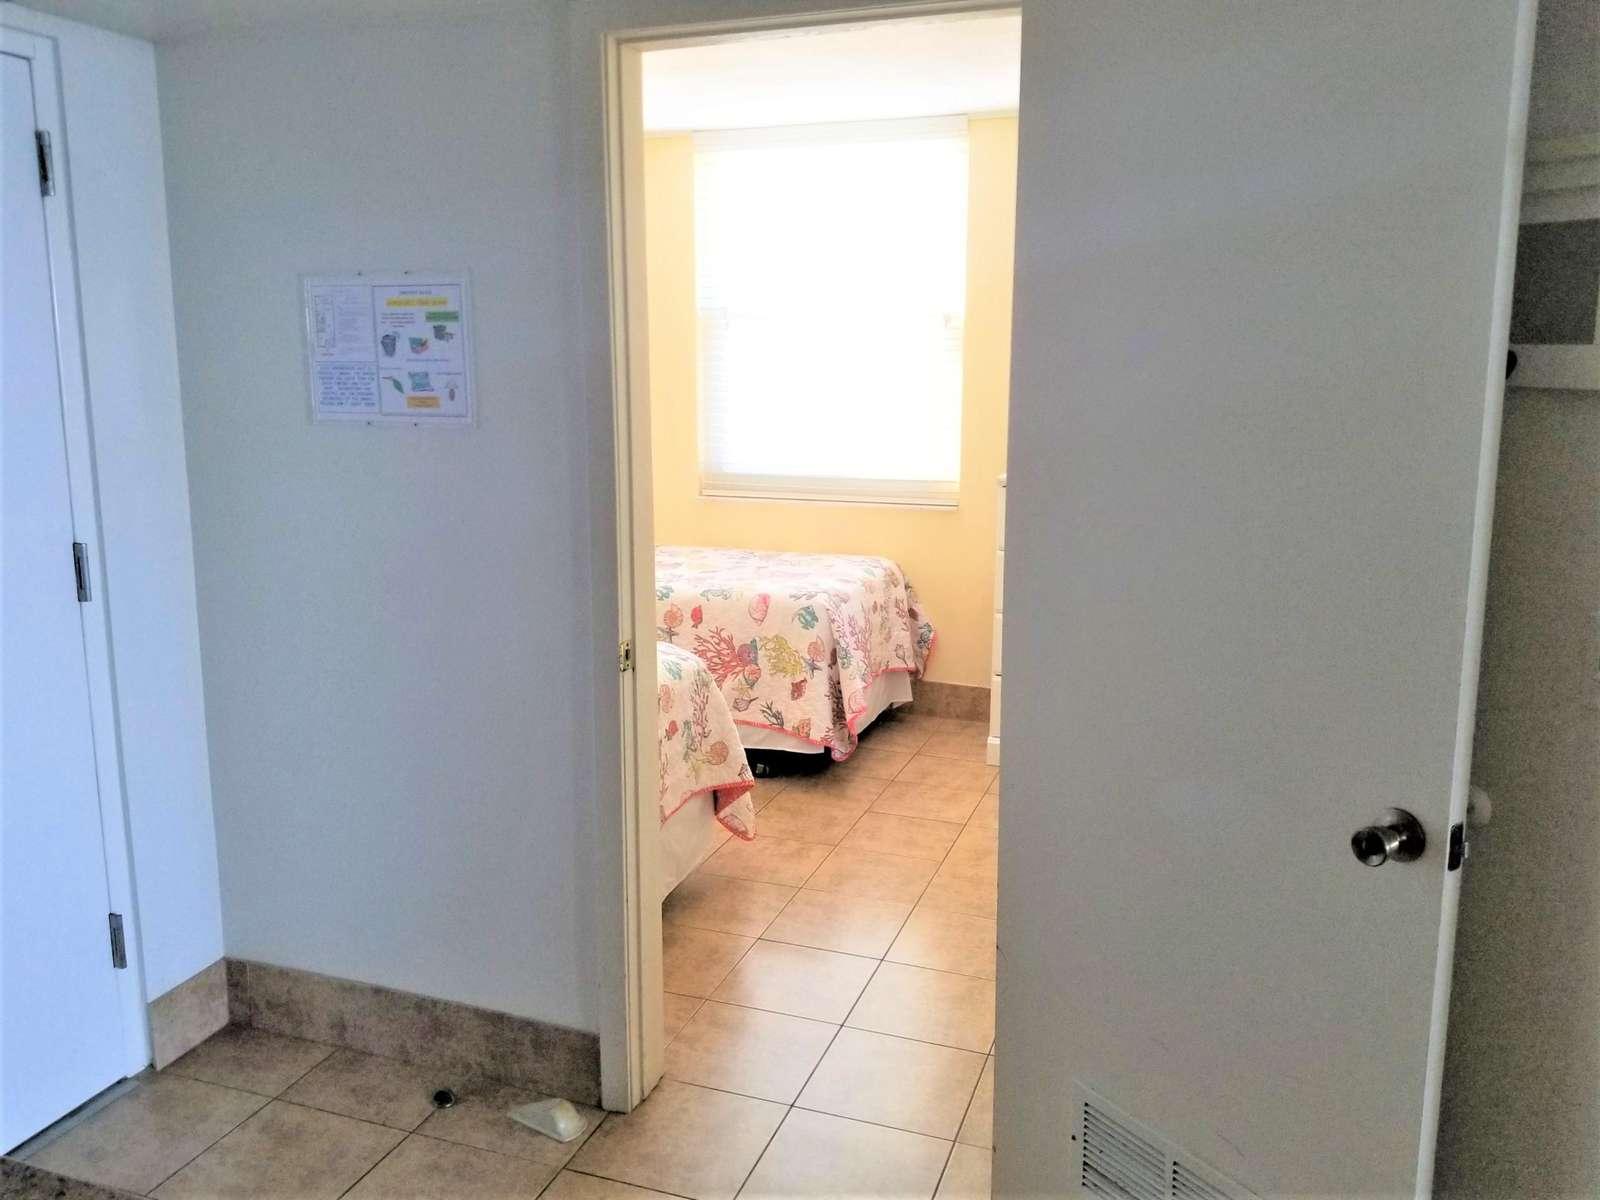 Privacy door for guest bedroom